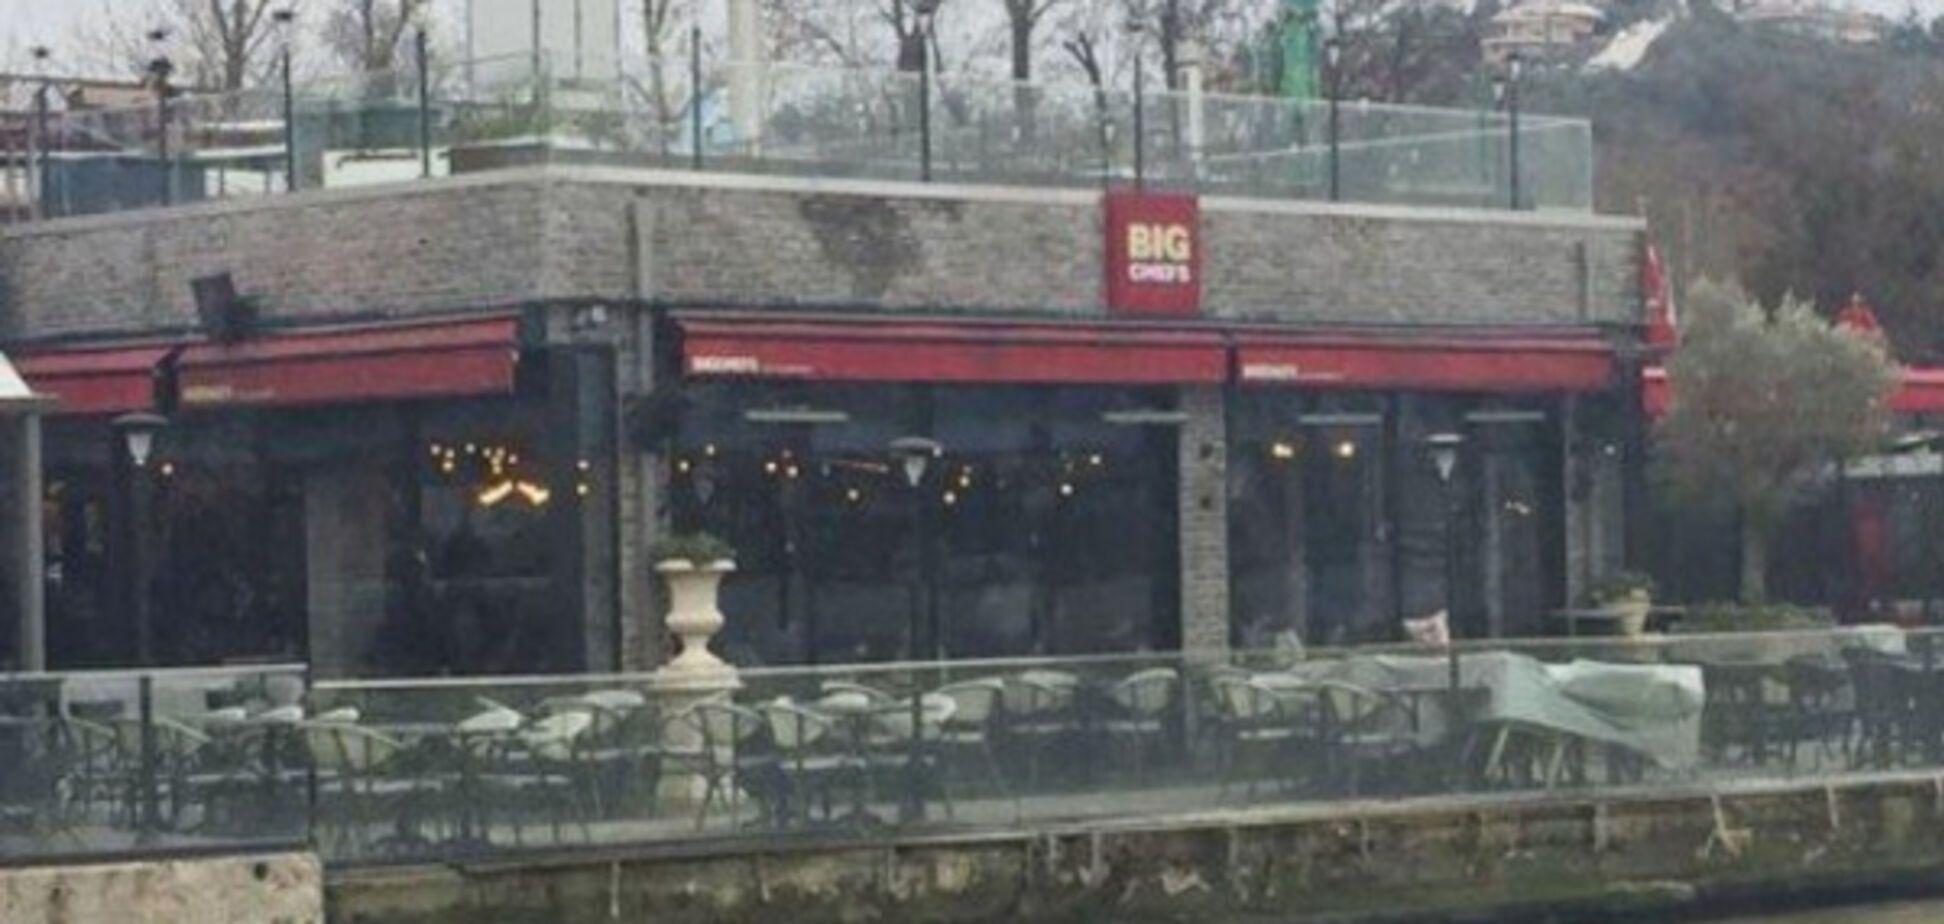 В Стамбуле неизвестный открыл огонь в ресторане: есть жертва, двое раненых